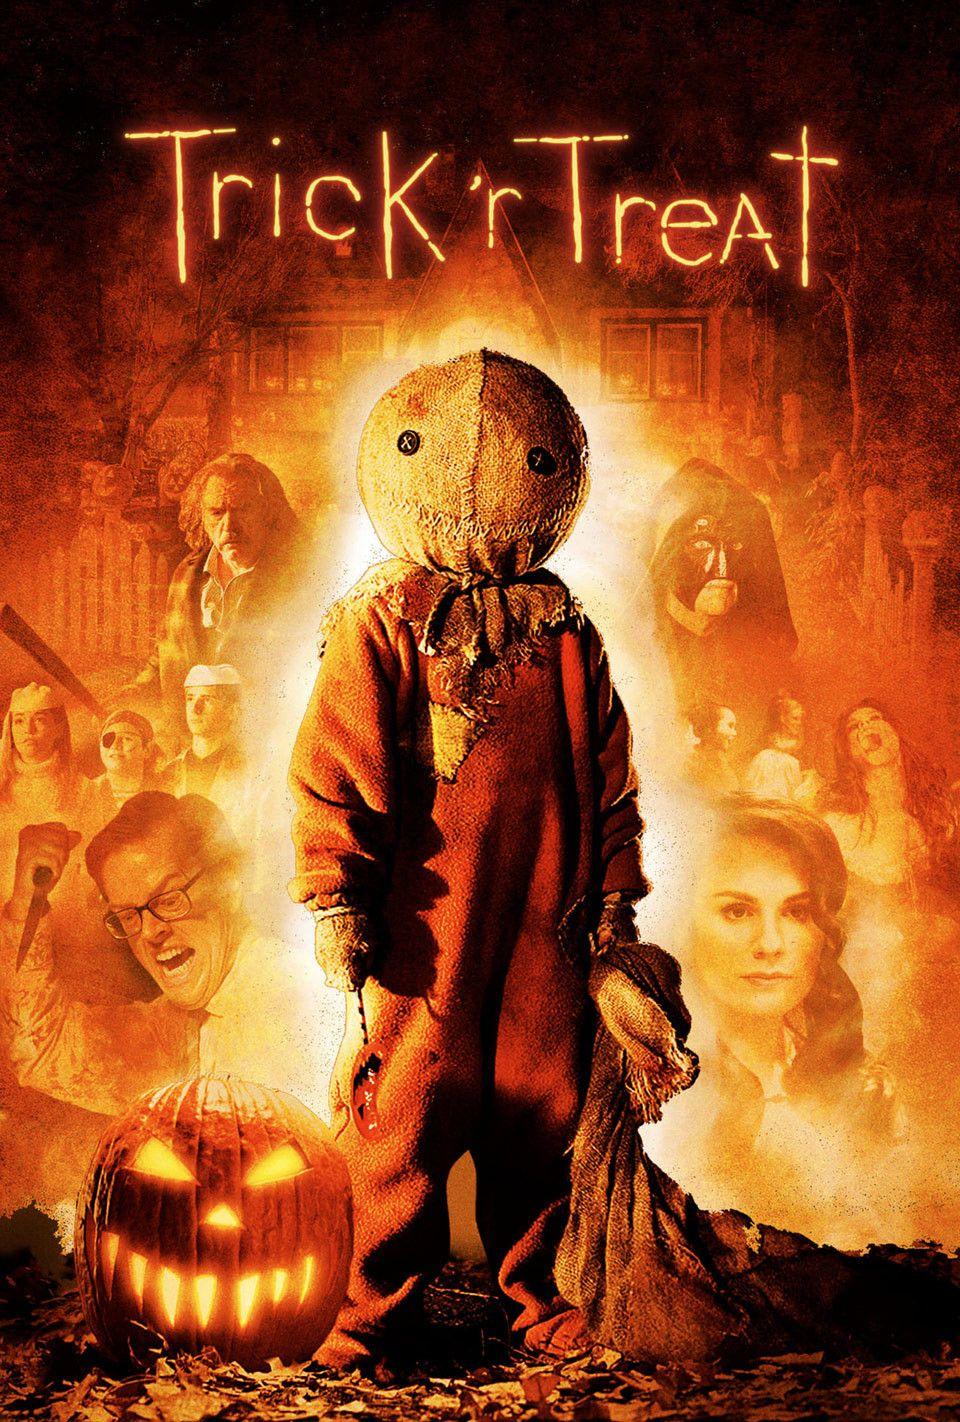 Read the Trick 'r Treat (2007) script written by Michael